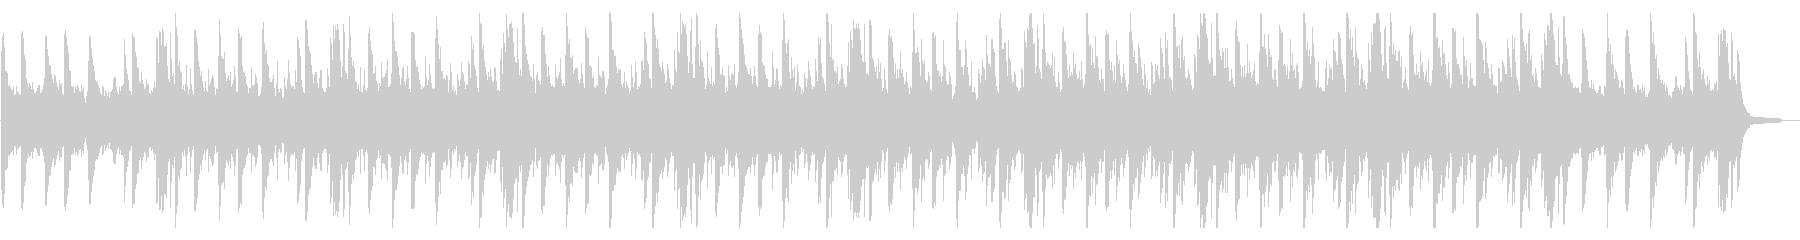 【リズム無し】企業VP・CM ピアノの未再生の波形